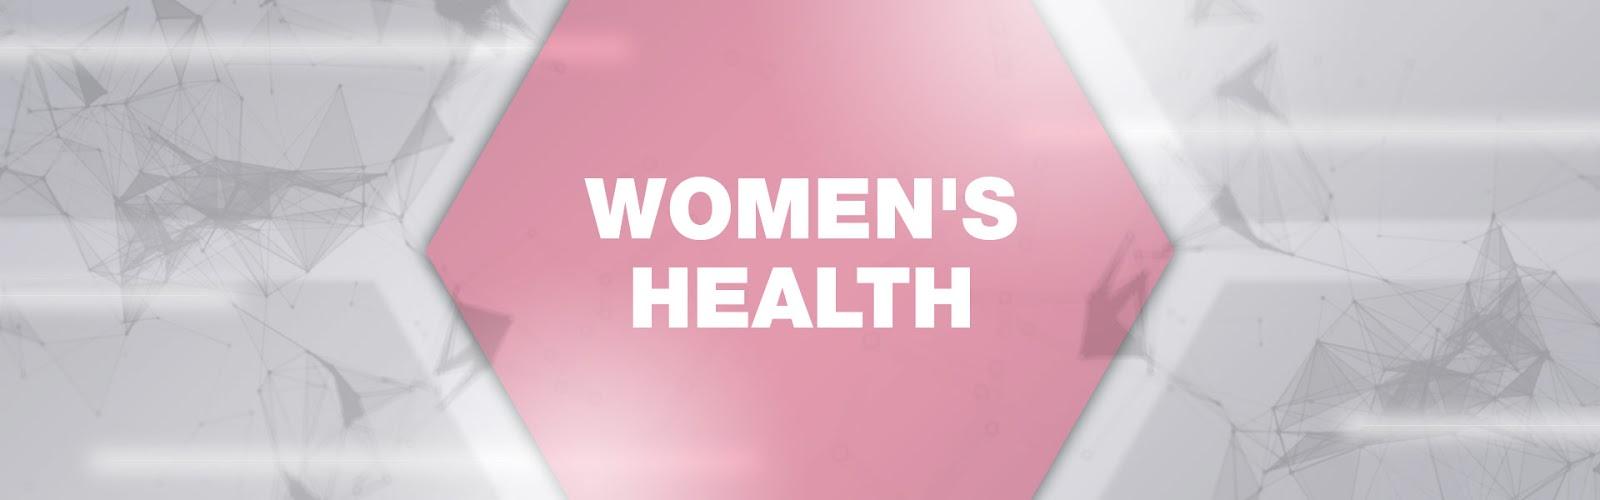 баннер женское здоровье